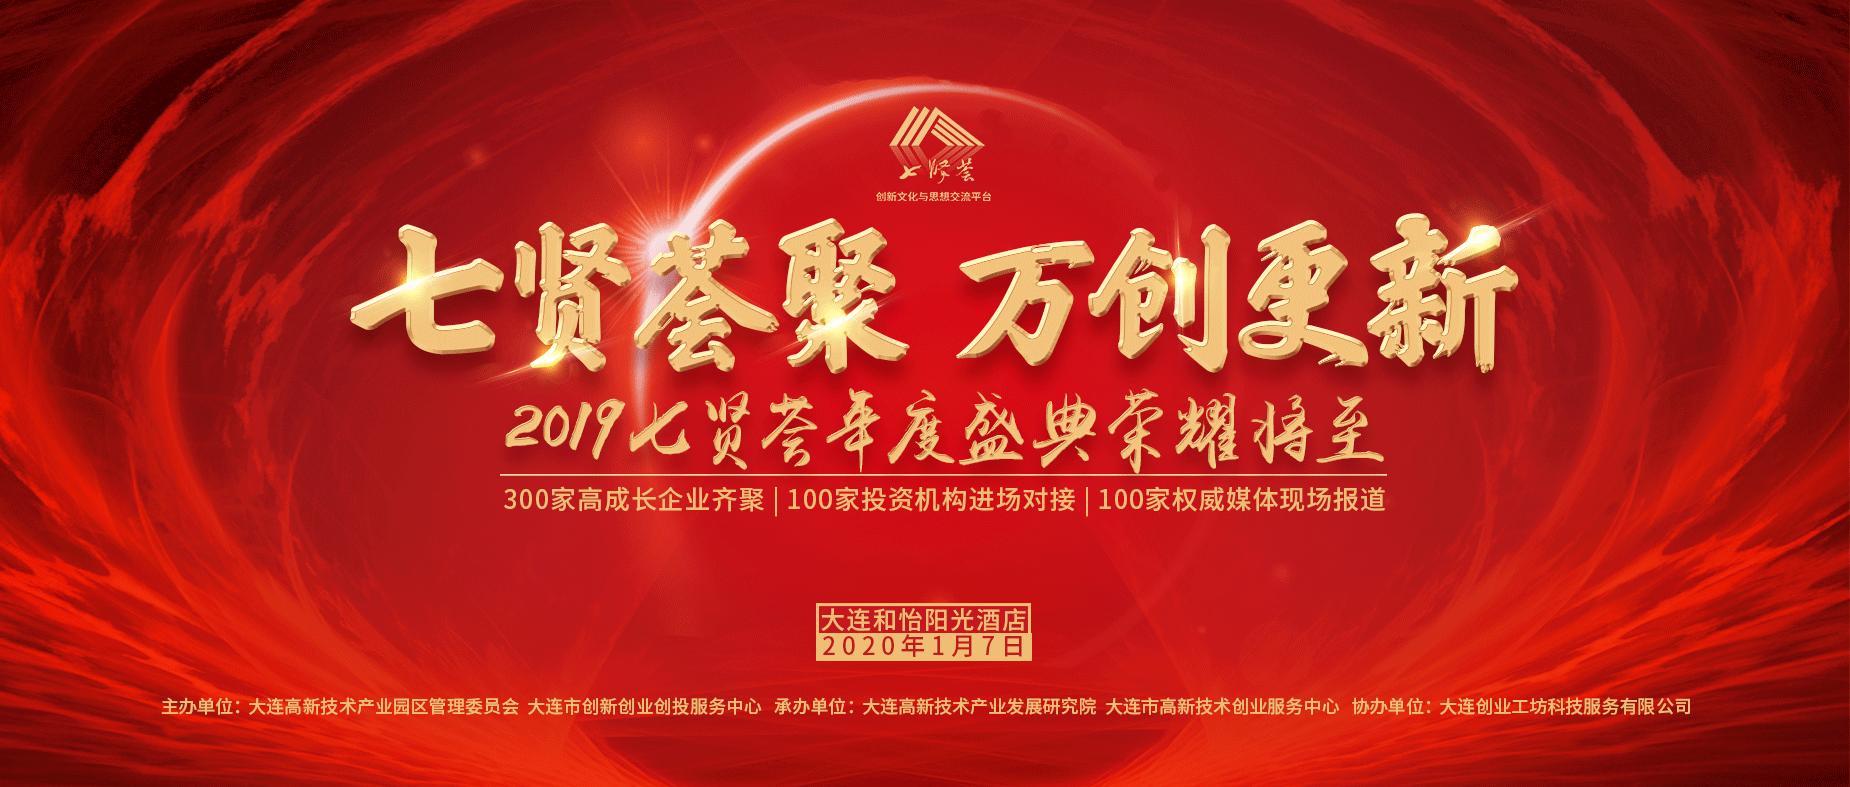 七贤荟聚 万创更新 2019七贤荟年度盛典即将启幕 - 创业工坊